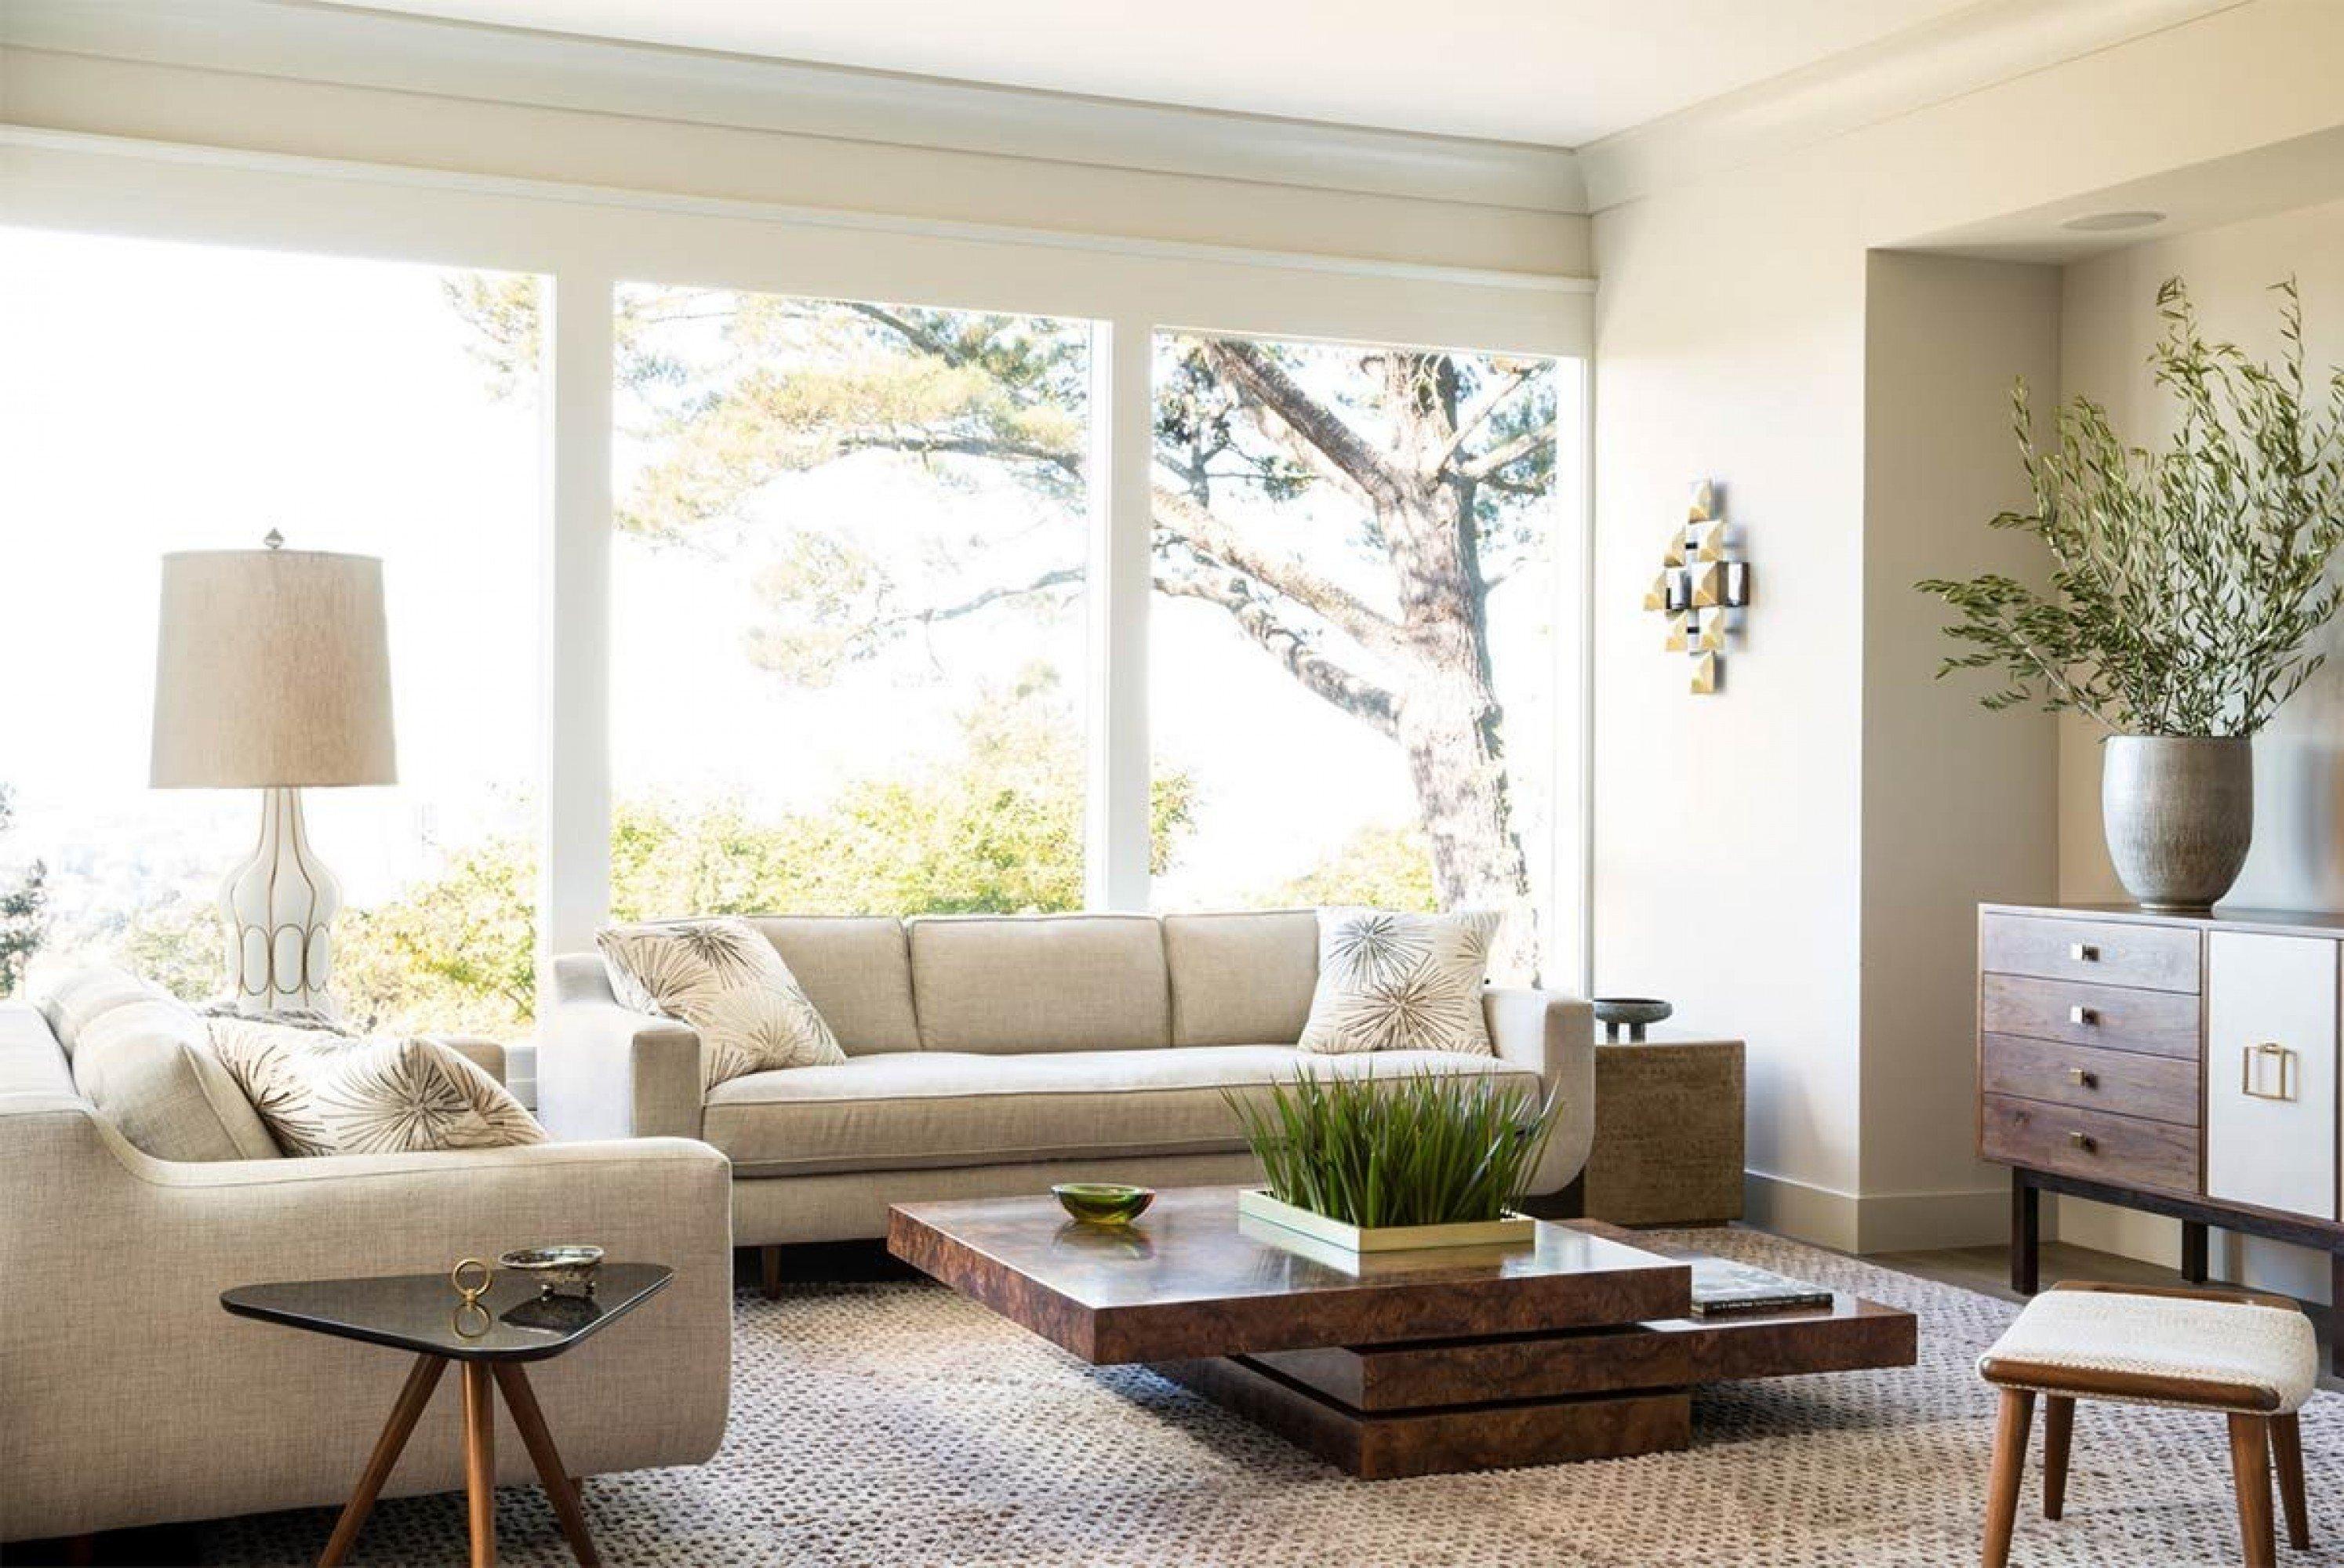 Inspirasi Desain Interior Ruang Tamu Paling Trend Tahun 2019